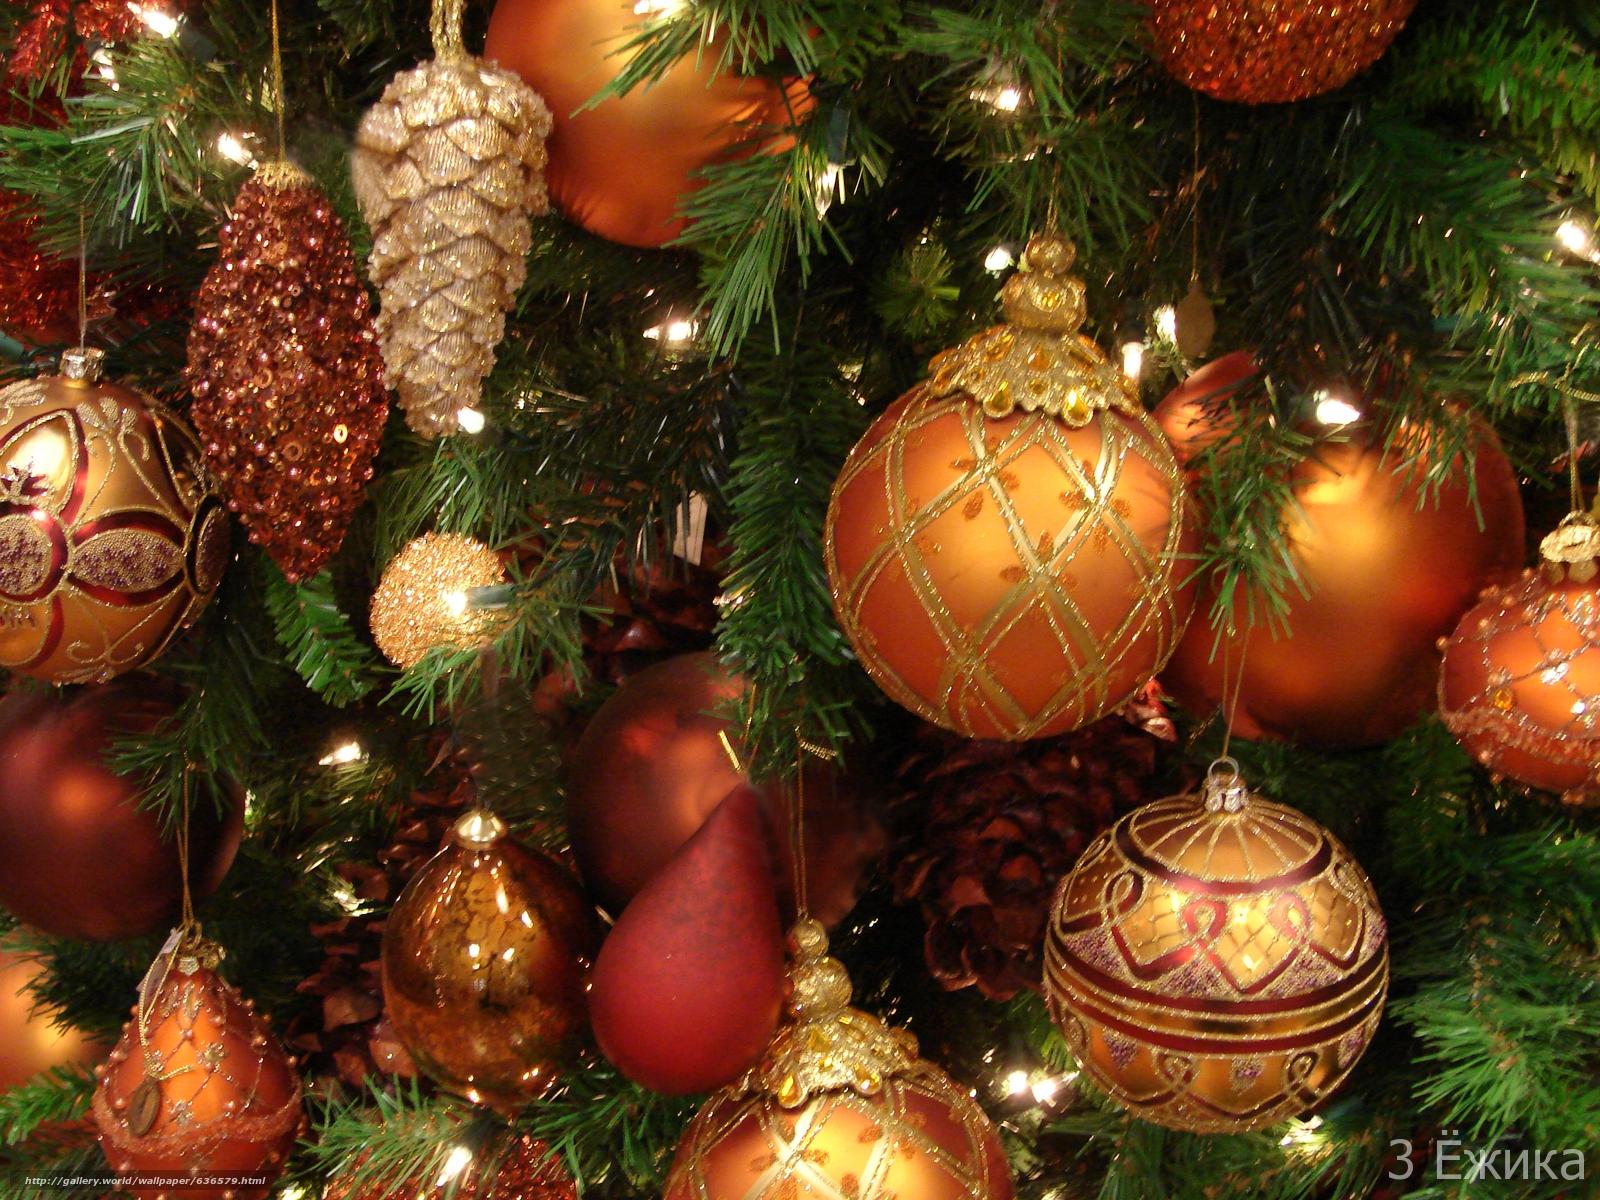 636579_navogodnyaya-lka_sharyi_igrushki_2816x2112_www.Gde-Fon.com